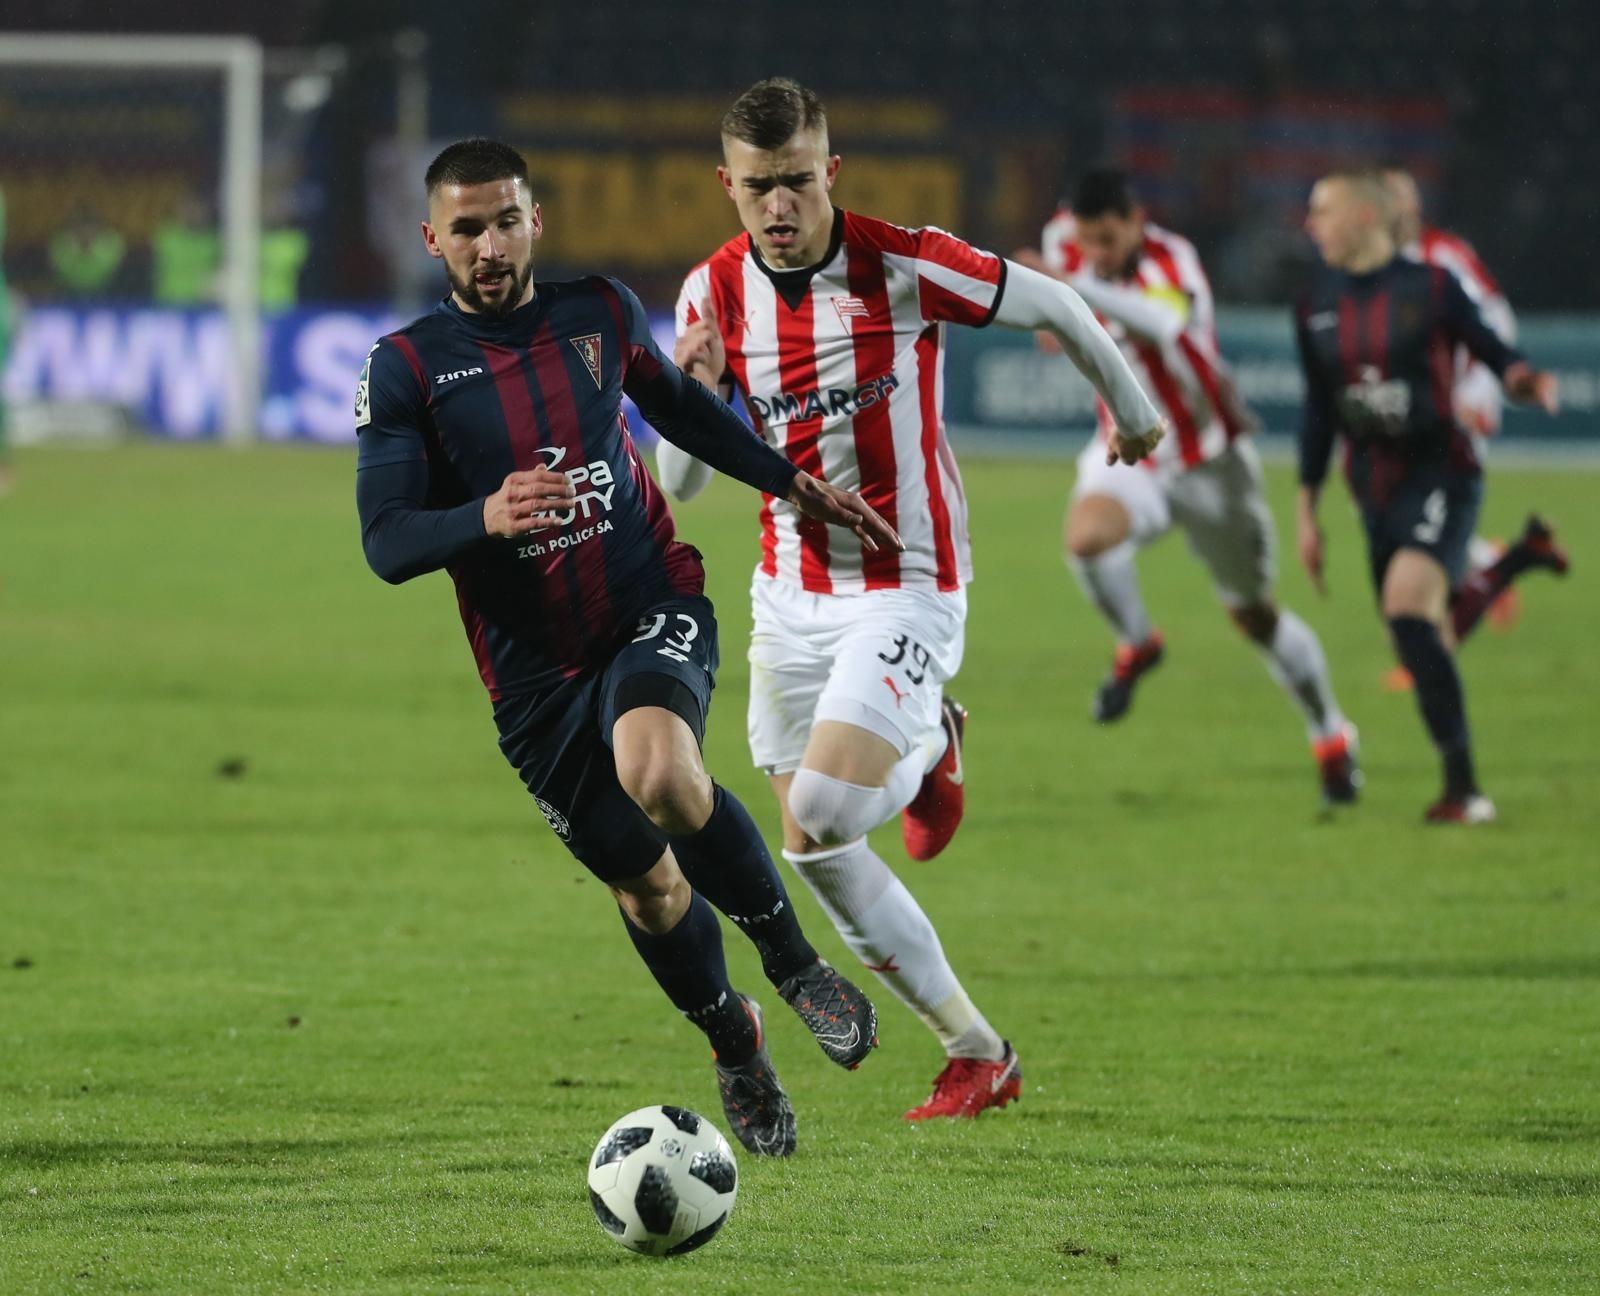 36c34937d Chorwacja już nie tak egzotyczna, a jej klimat sprzyja polskim piłkarzom -  Polskatimes.pl